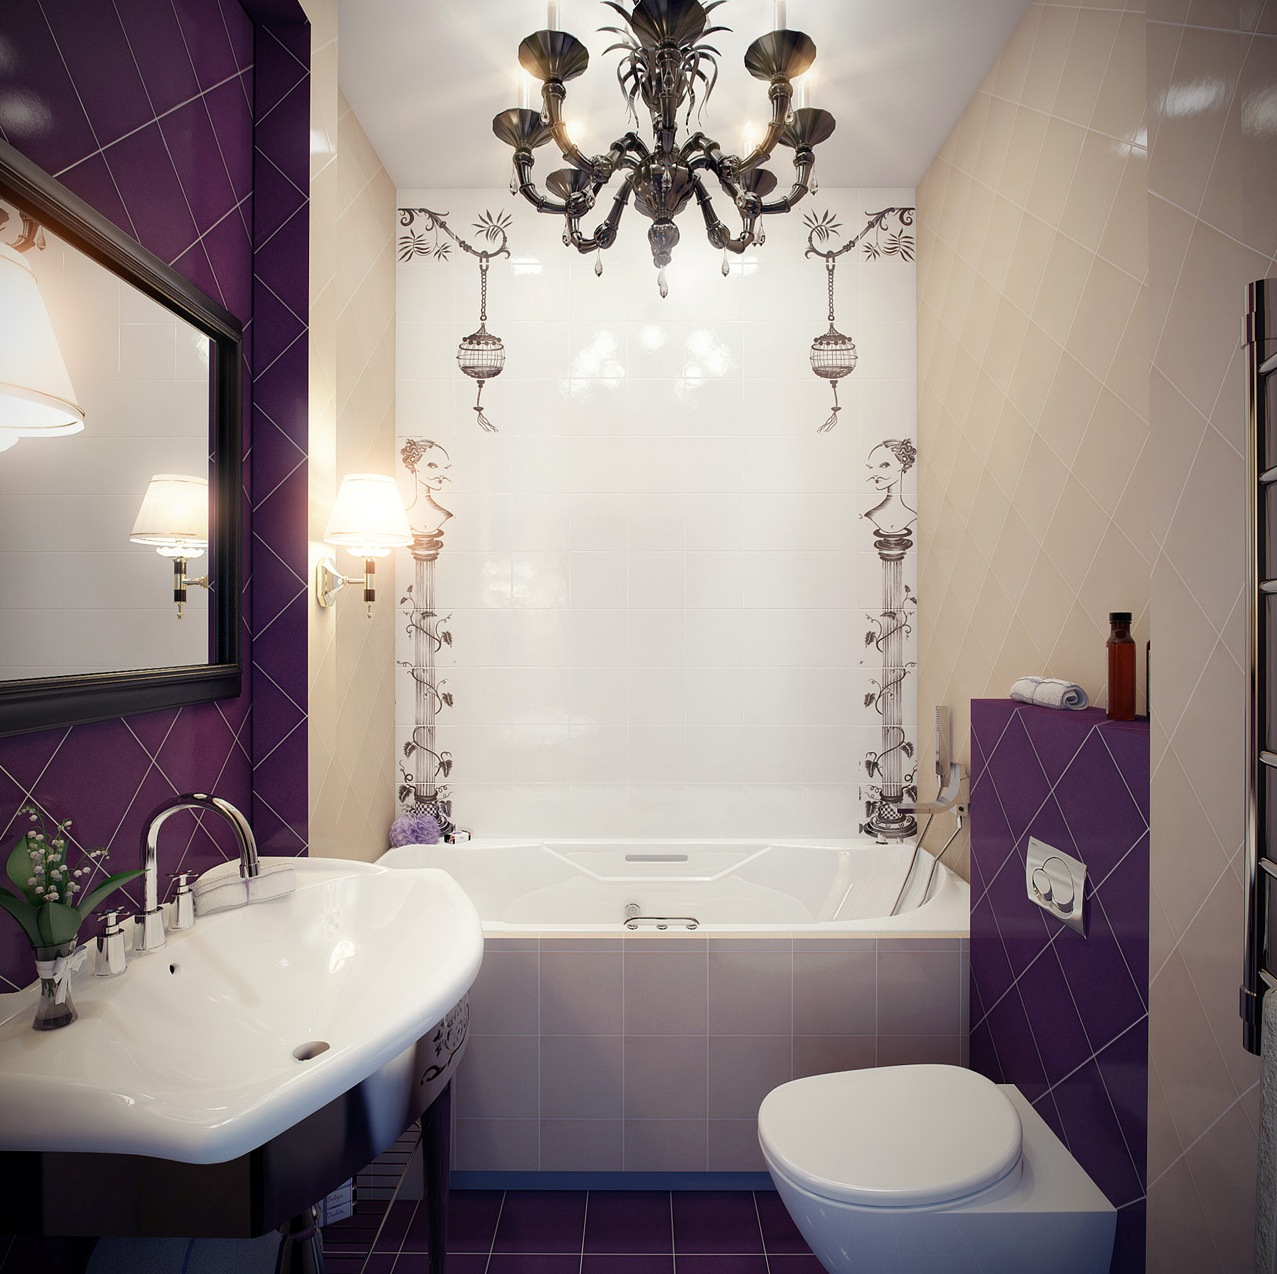 Дизайн маленькой ванной комнаты идеи советы рекомендации: Особенности интерьера маленькой ванной комнаты